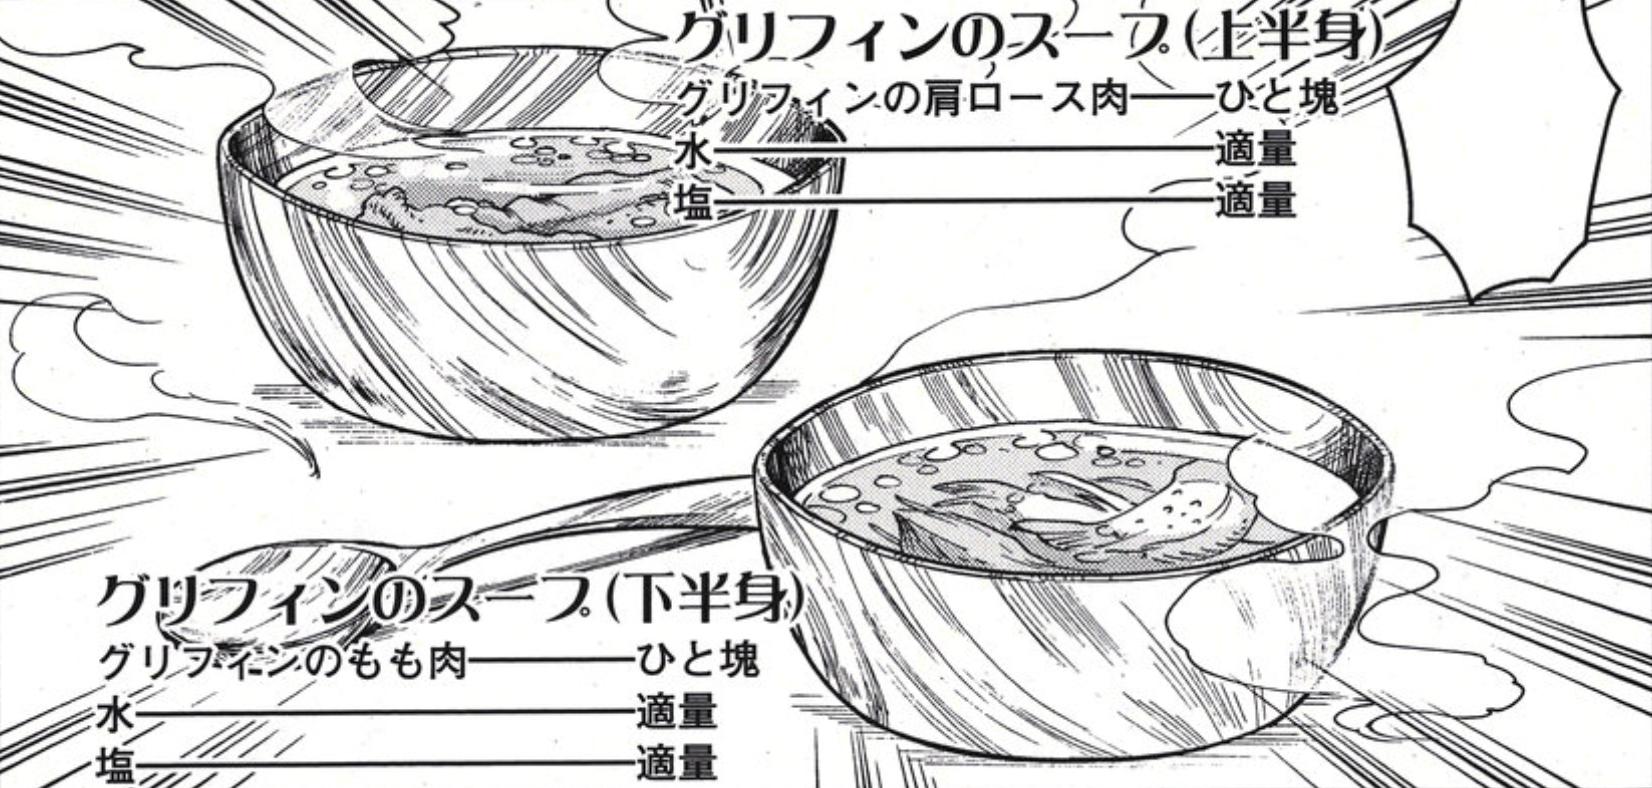 Griffin Soup